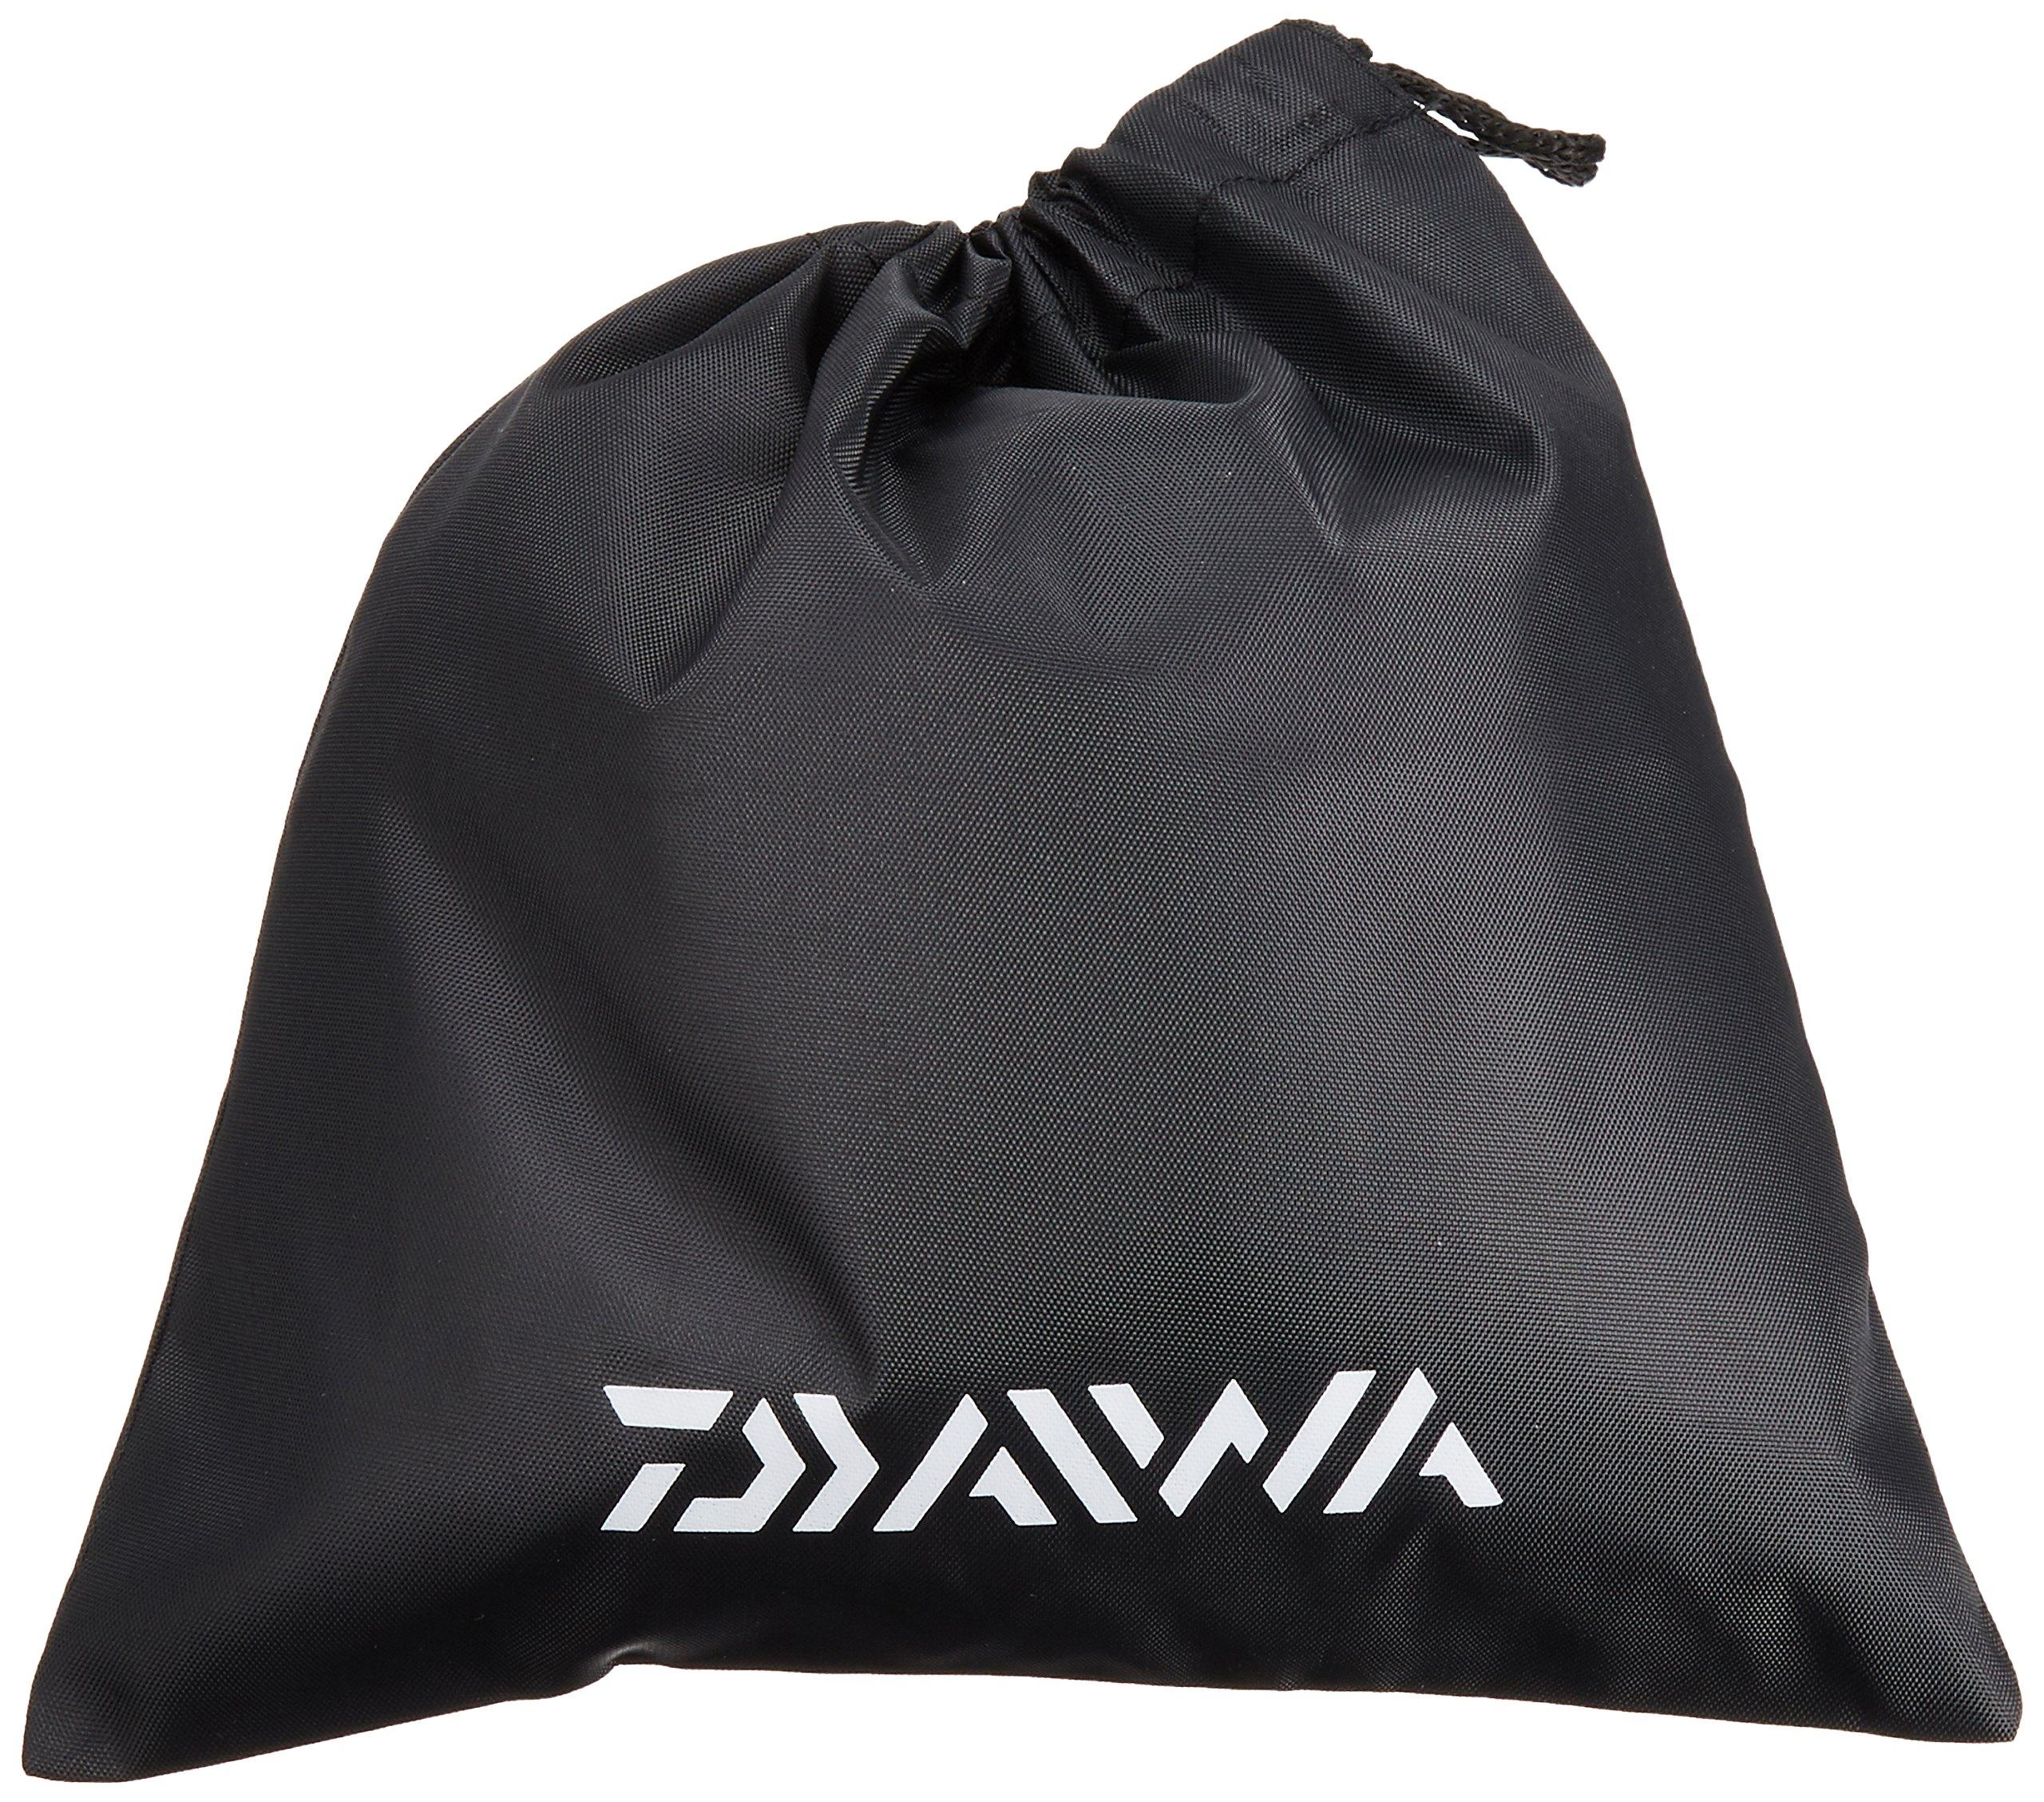 Daiwa 15 Revros Revros Revros 2004H-DH Spinning Reel ed66ec